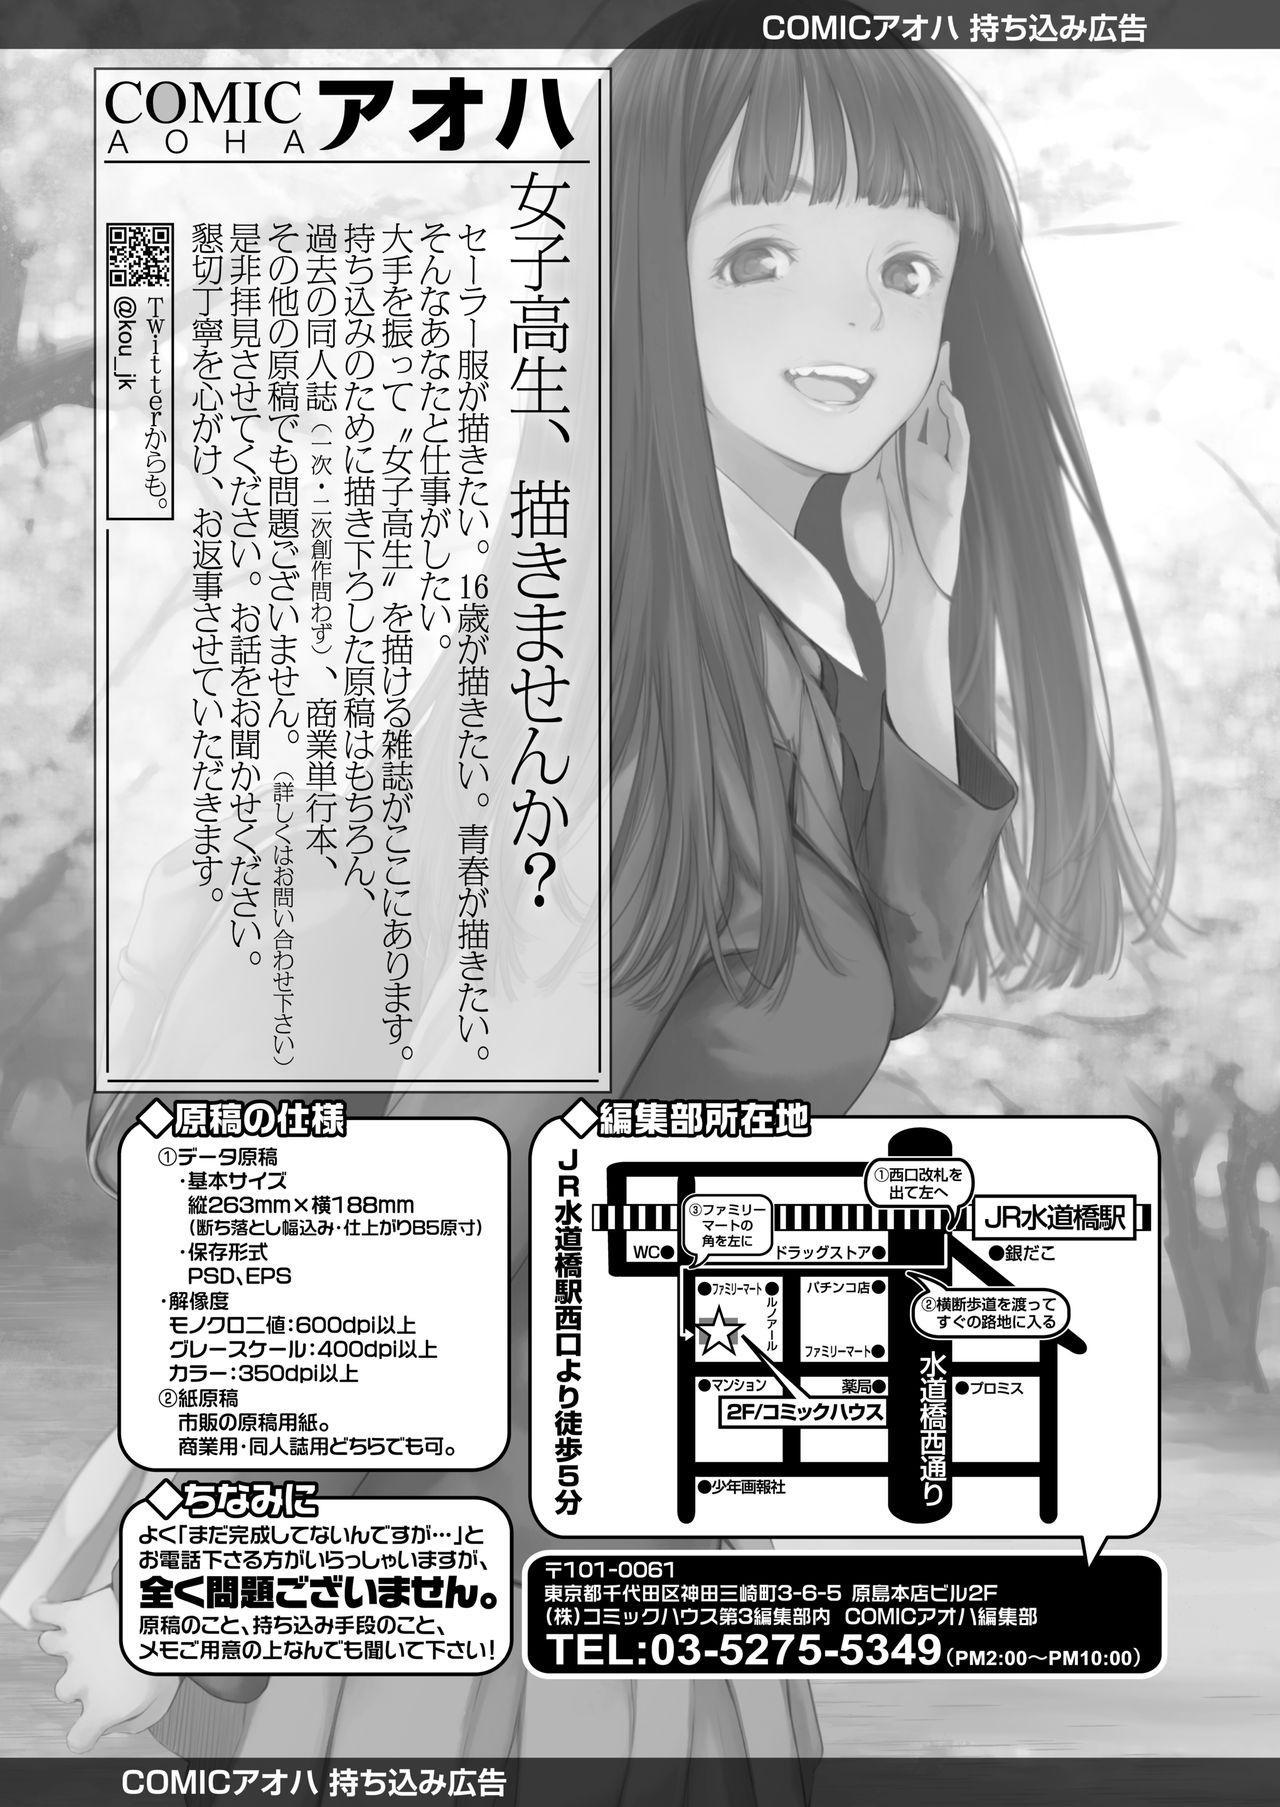 COMIC AOHA 2020 Natsu 375